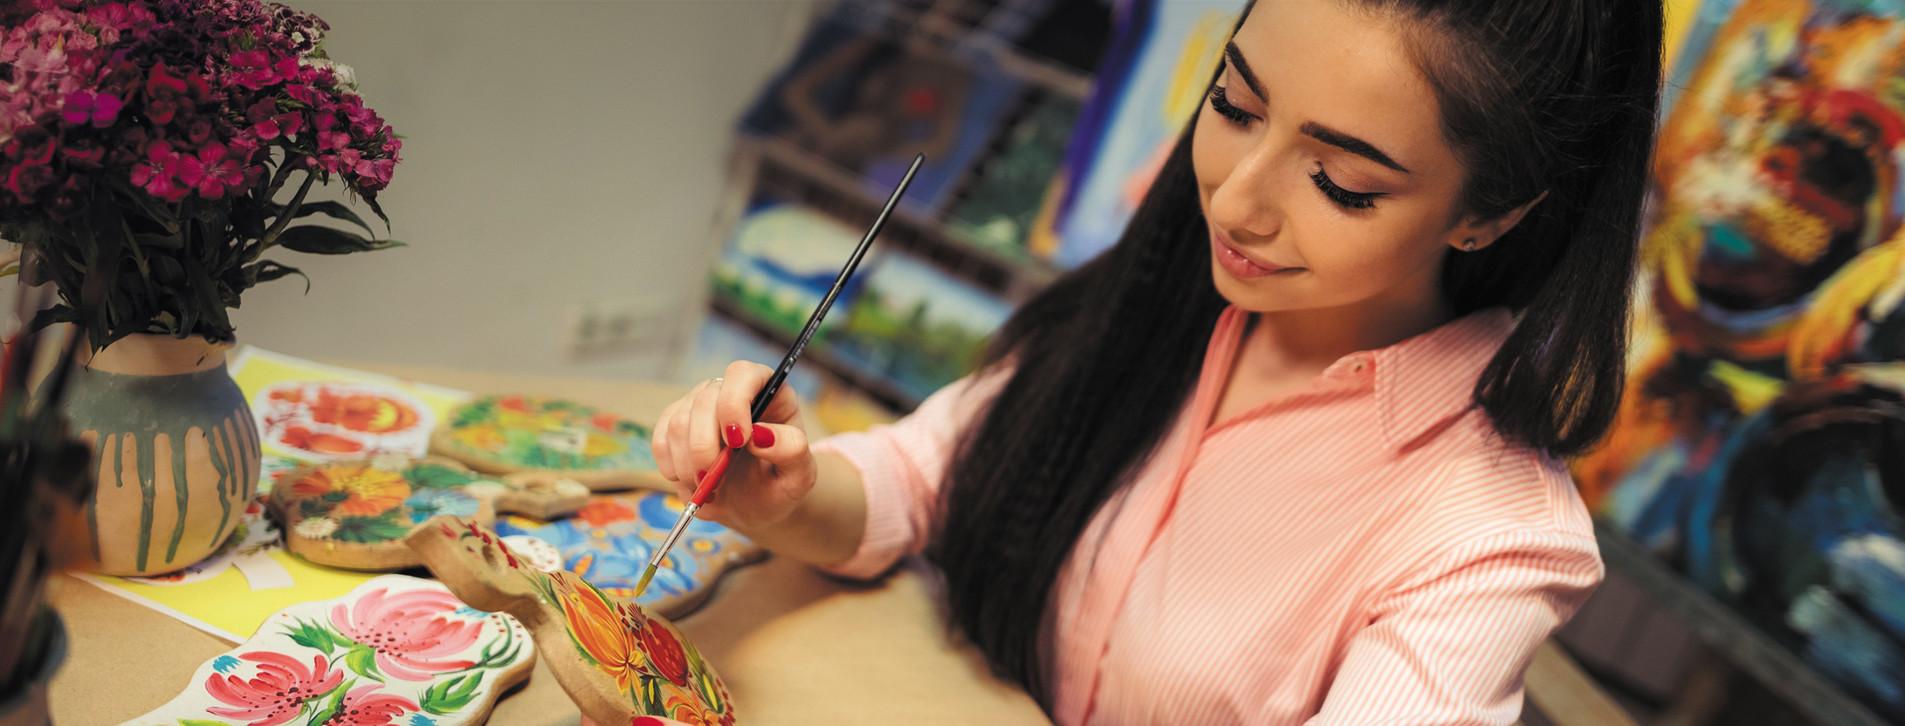 Фото 1 - Мастер-класс петриковской росписи